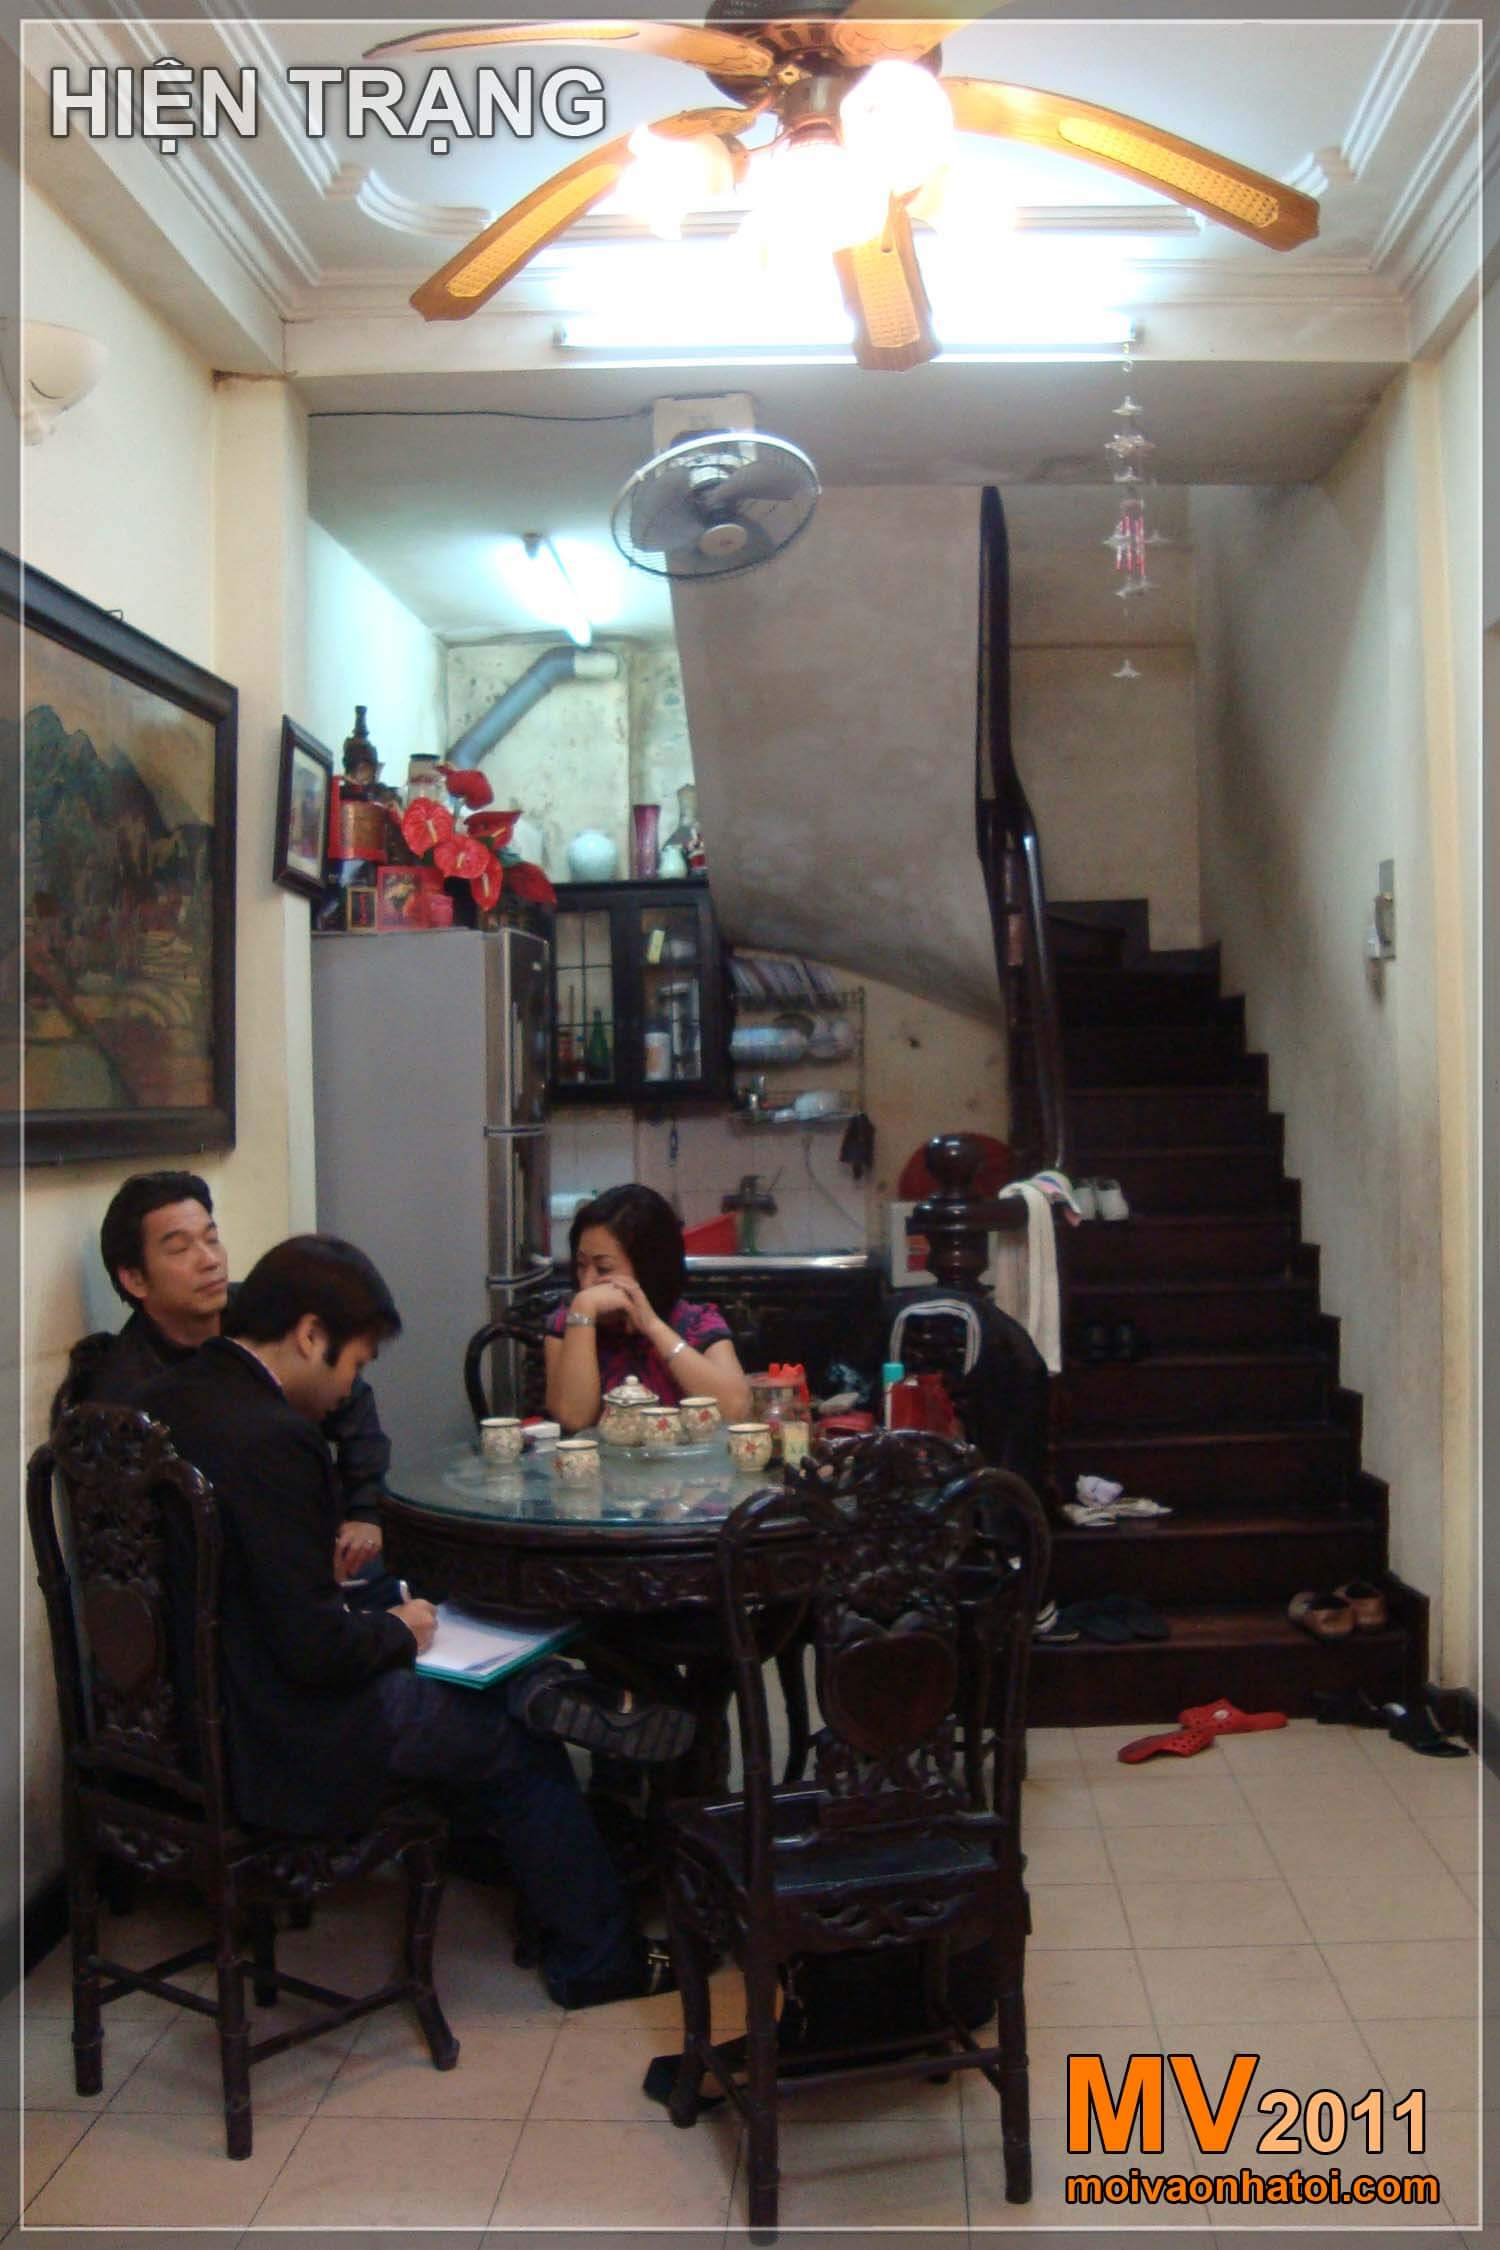 Hình ảnh từ Hiện trạng - Thi công - Hoàn thiện nội thất căn nhà phố